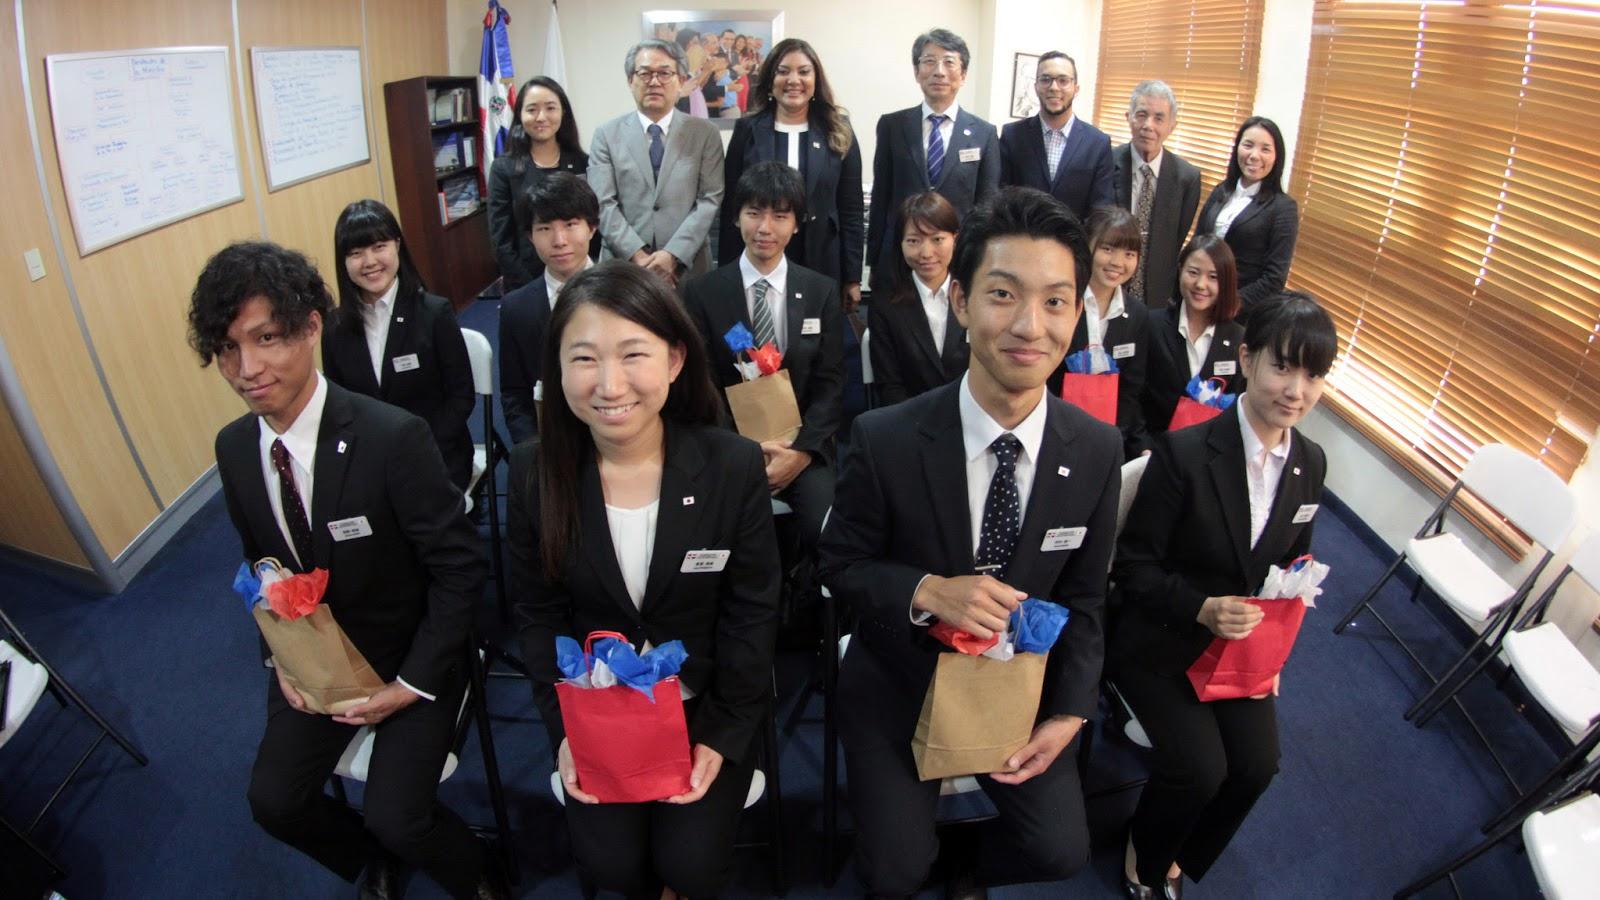 Gobierno dominicano recibe estudiantes japoneses; participarán en intercambio cultural